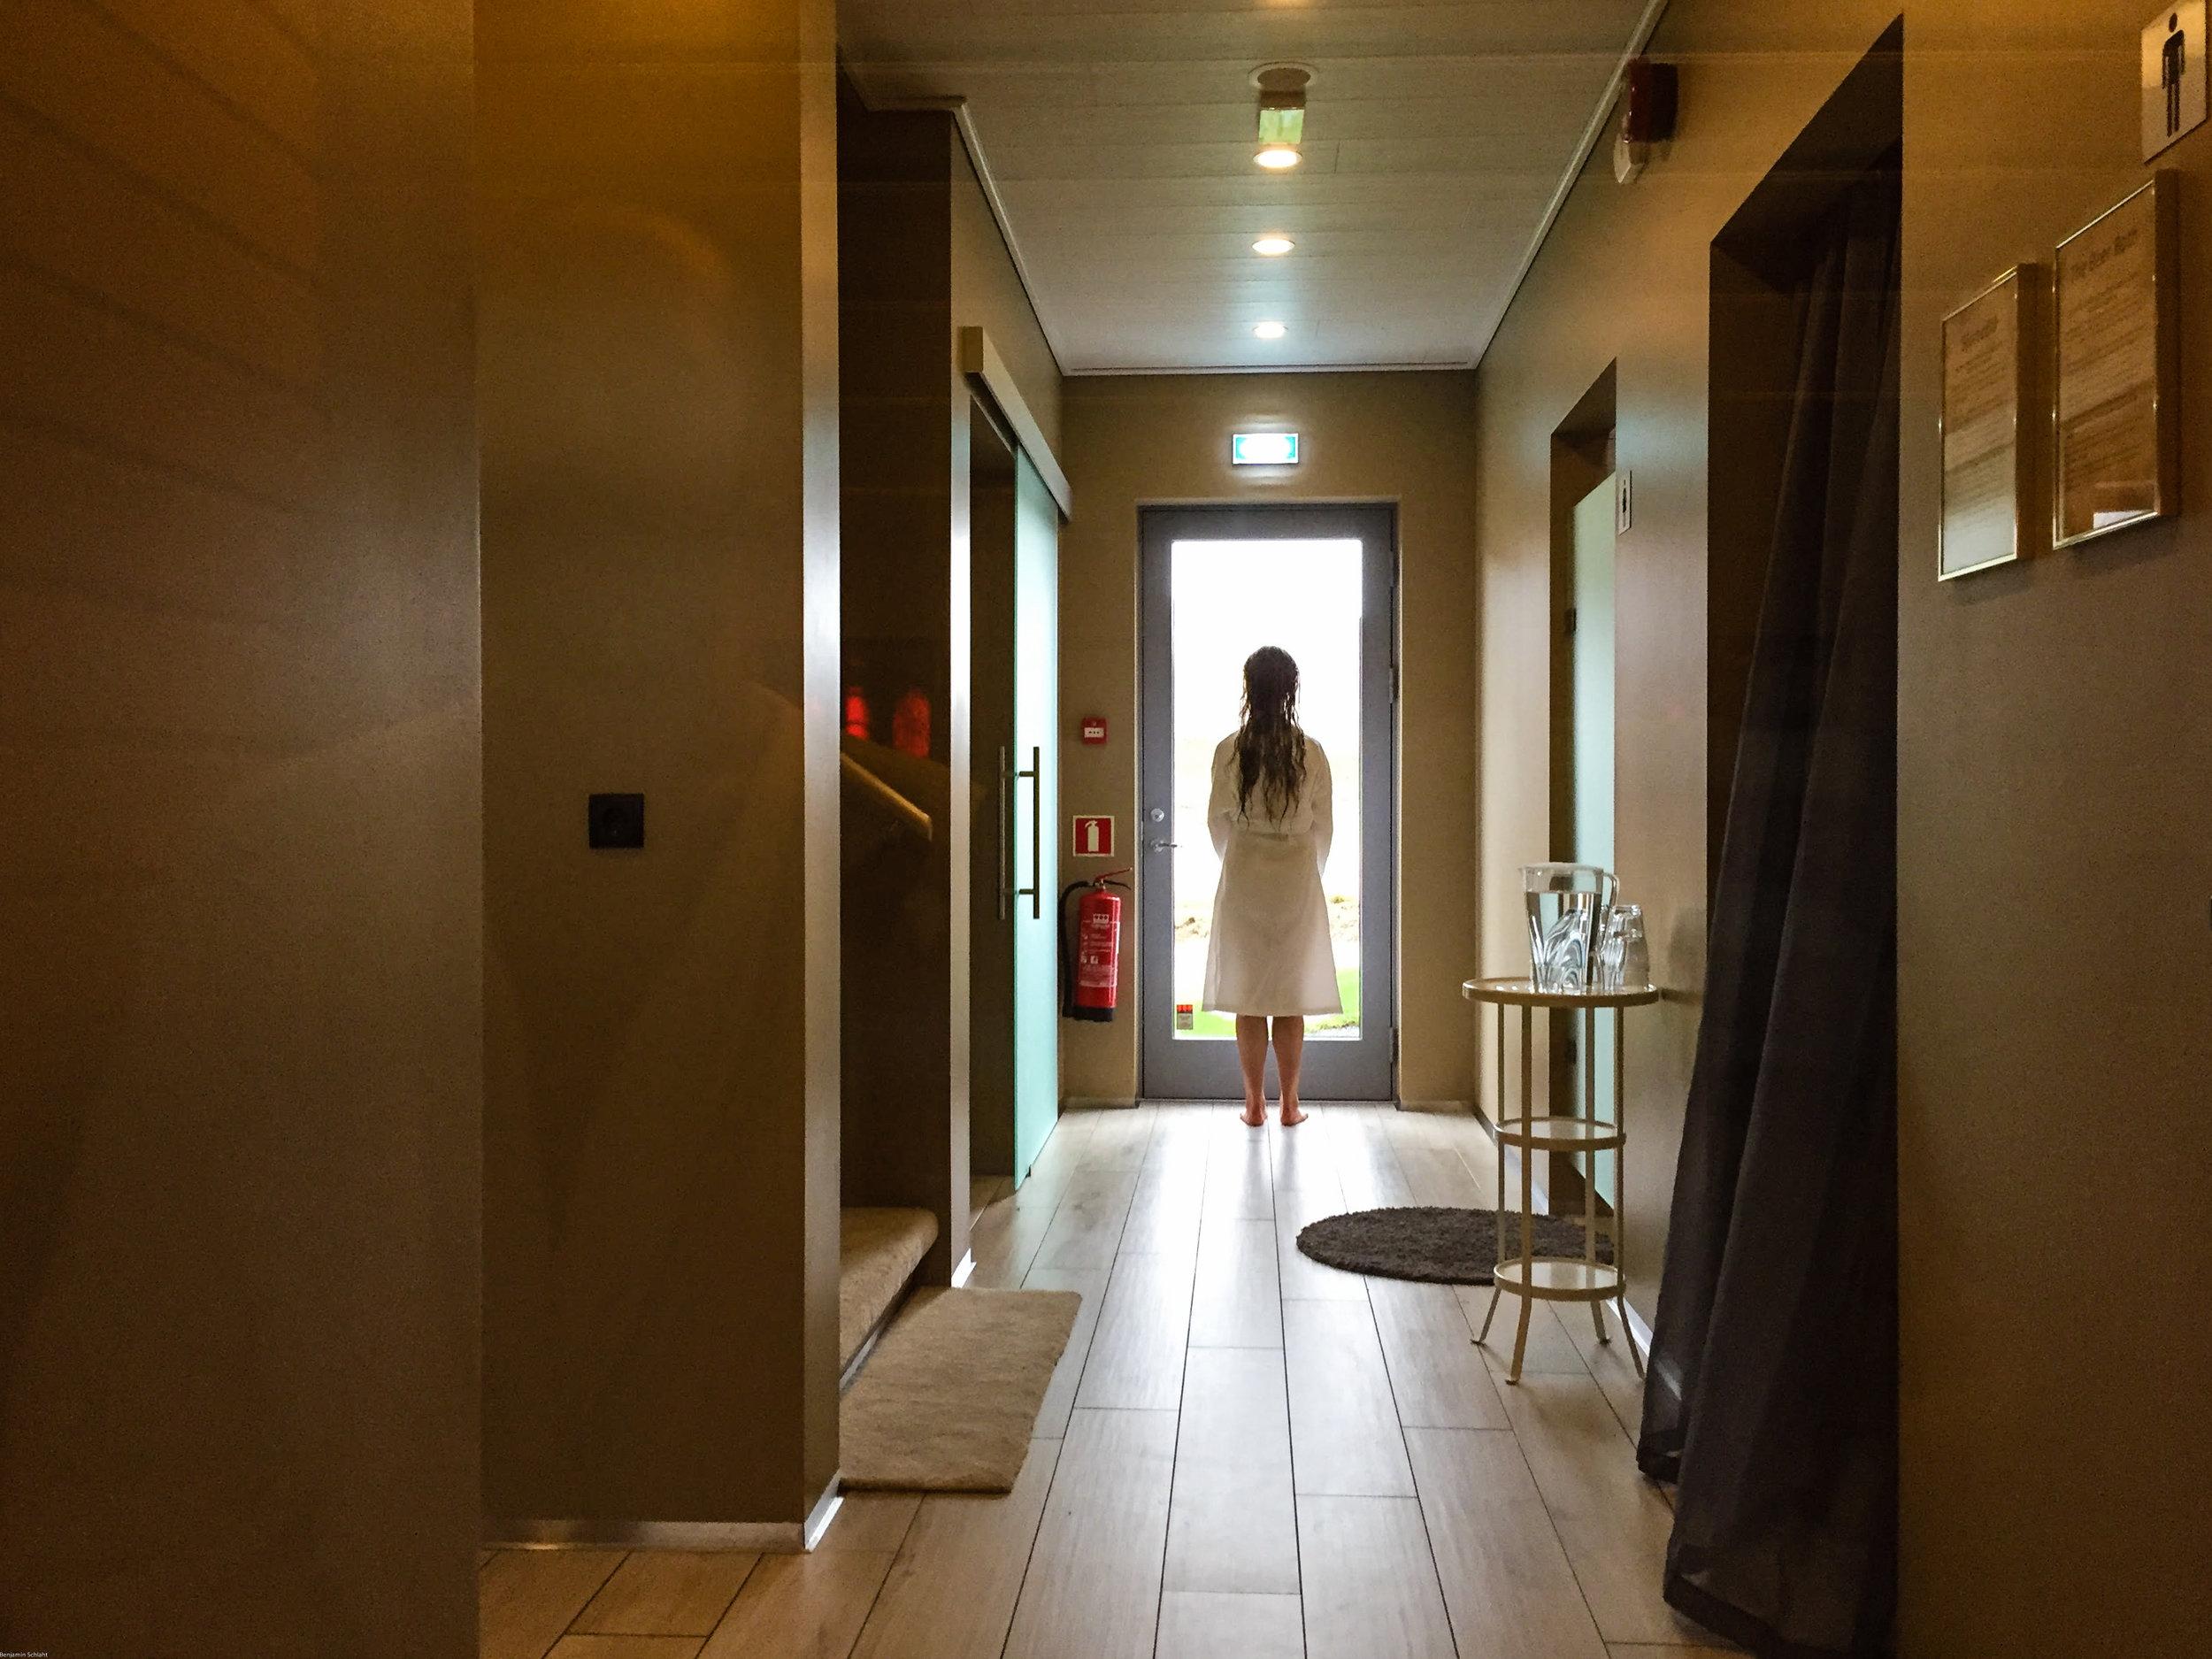 Mrs. Nerd's sister exploring the hallway at Bjórböðin